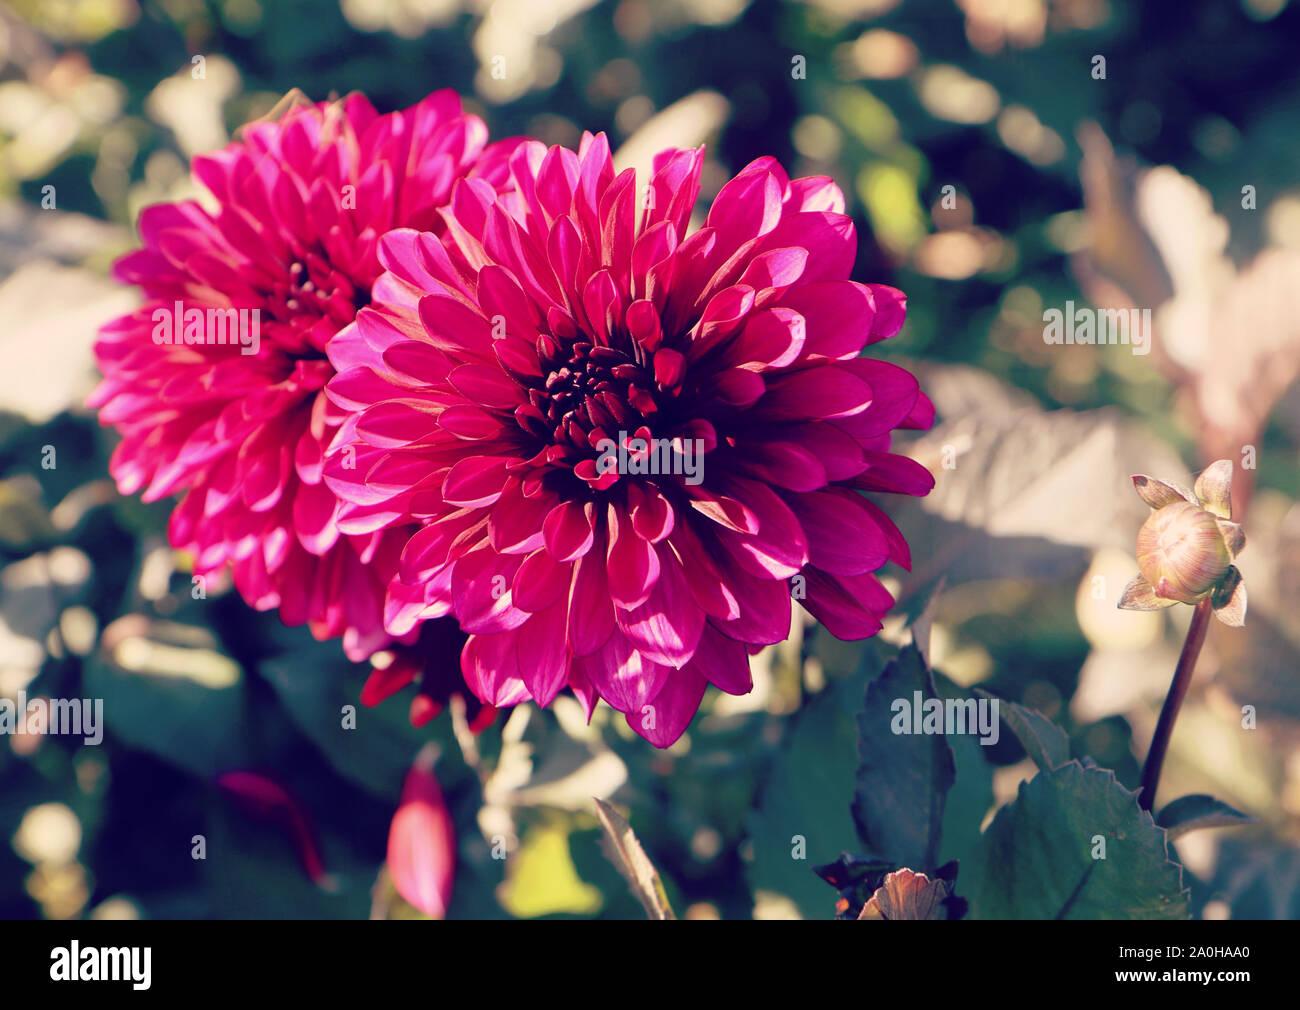 Belle fleur dahlia violet sur la tête en été à une exploitation agricole intensive culture en Bavière, gros plan et arrière-plan flou Banque D'Images